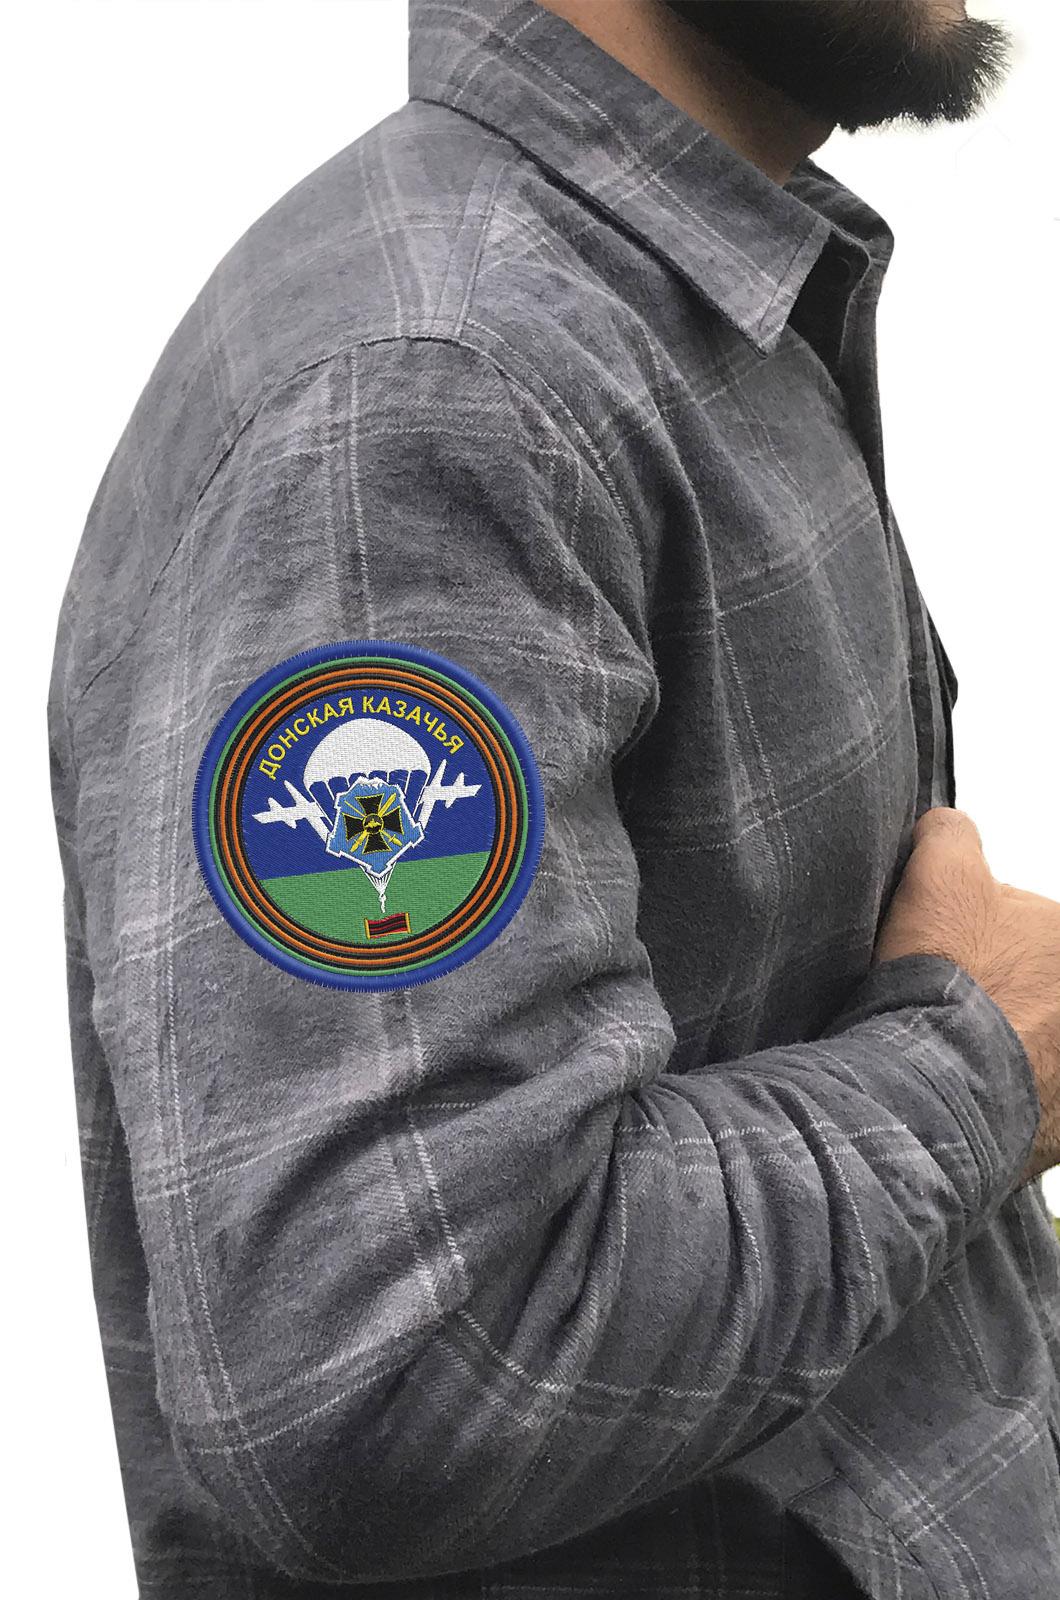 Надежная рубашка с вышитым шевроном Донской Казачьей - купить в Военпро